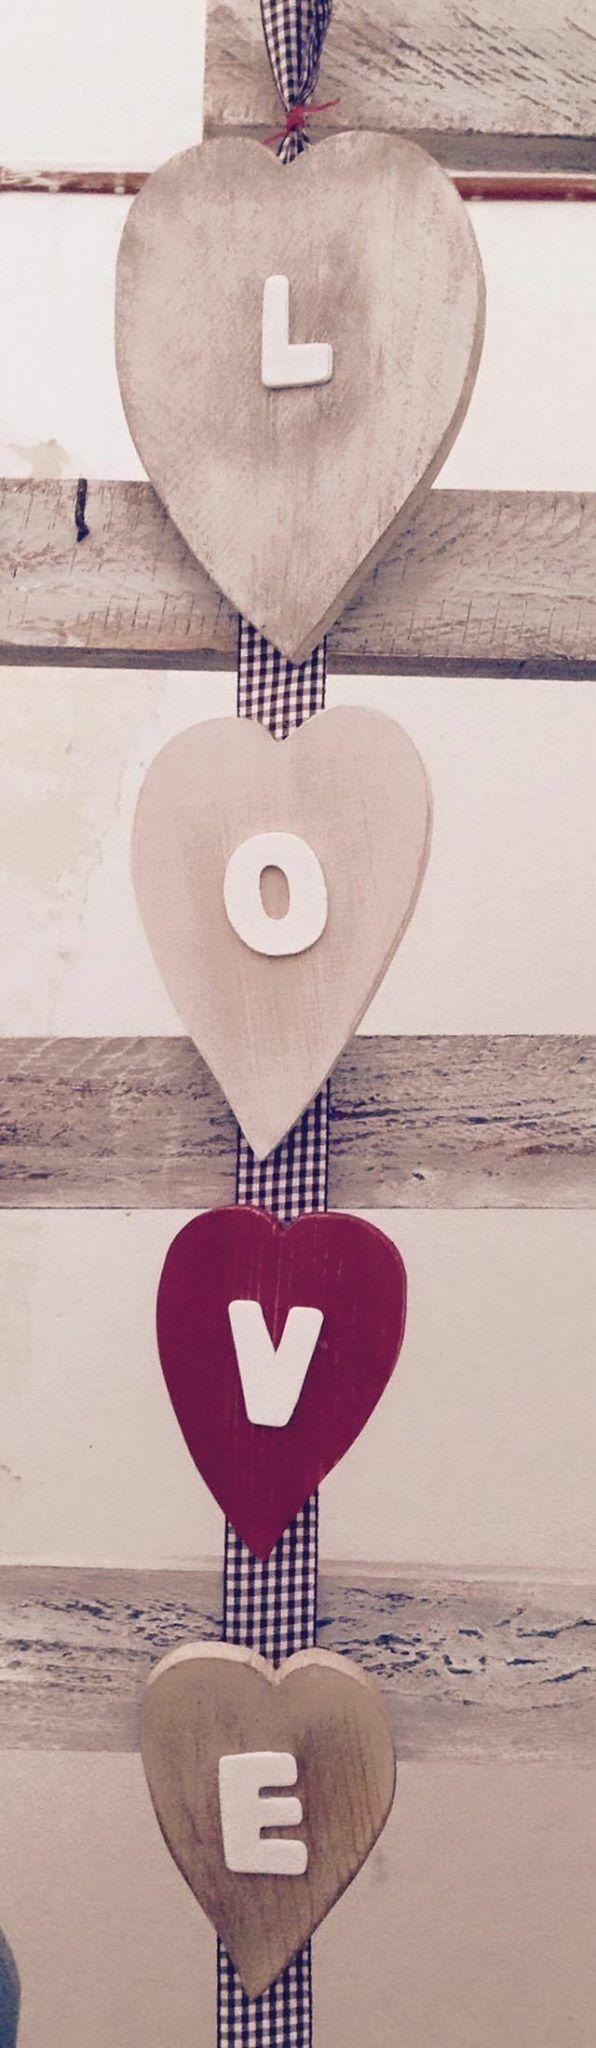 Oltre 25 fantastiche idee su lettere di legno su pinterest for Nomi in legno da appendere